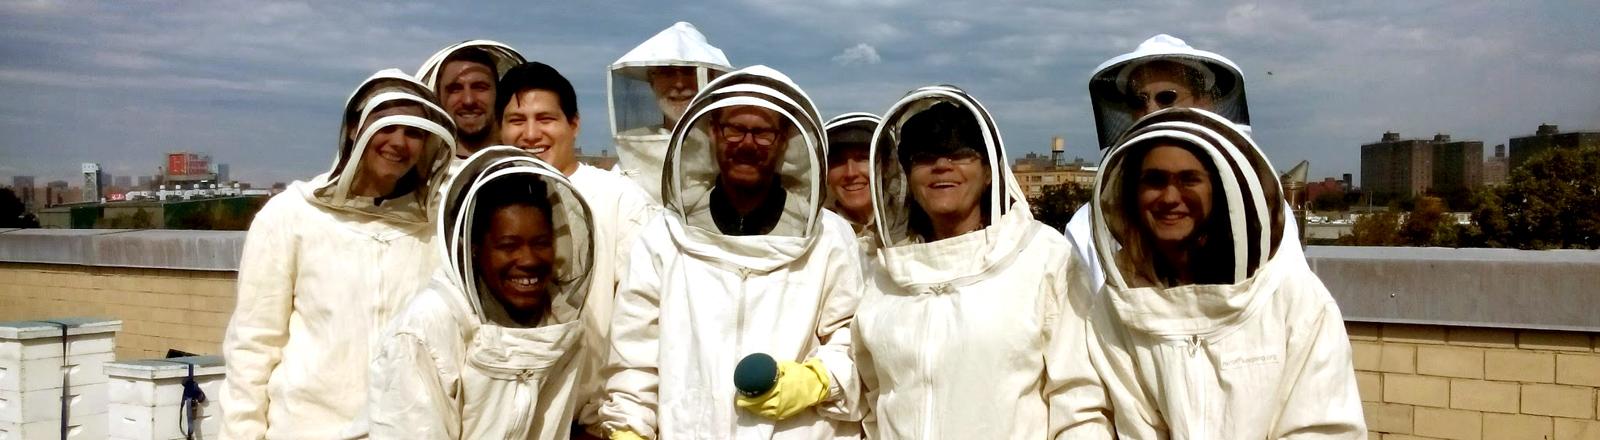 DRadio-Wissen-Reporter Christian Schmitt mit den Beeks von New York